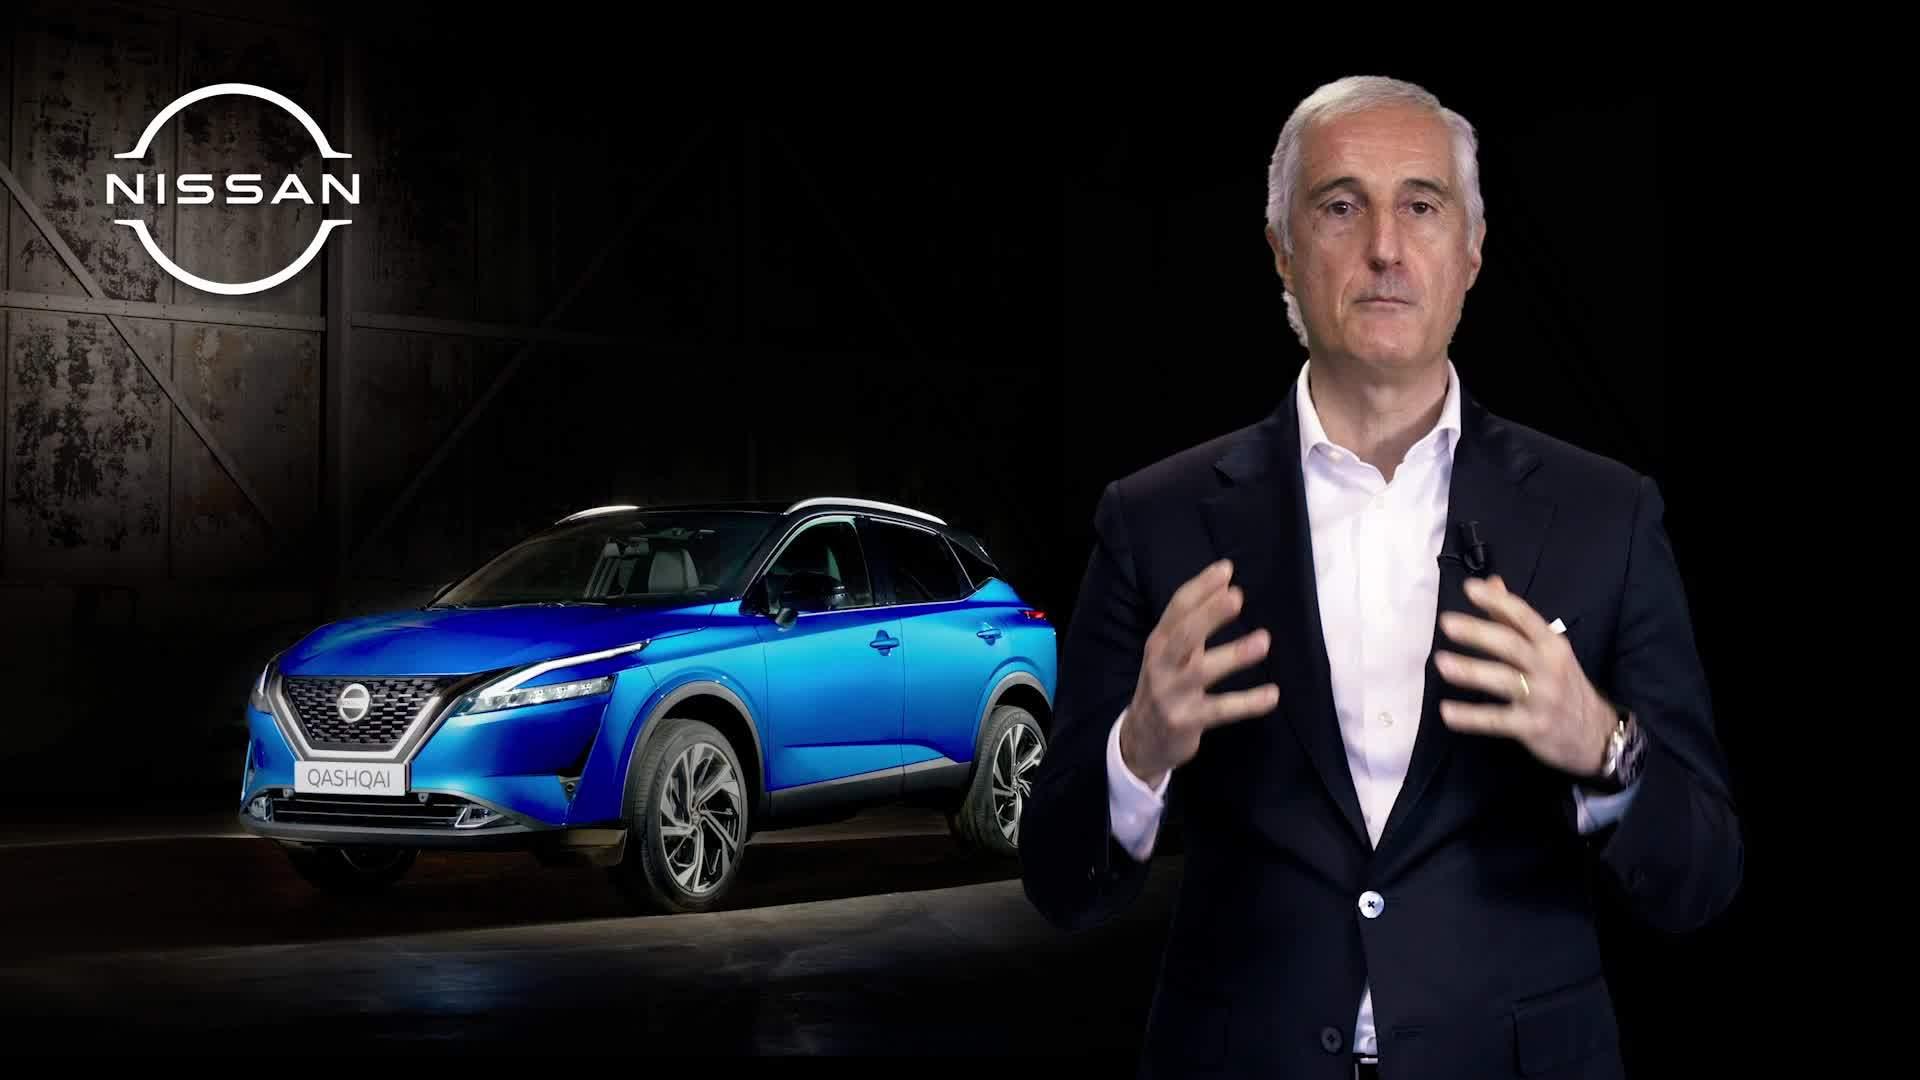 Bruno Mattucci  durante una presentación del Nissan Qashqai.